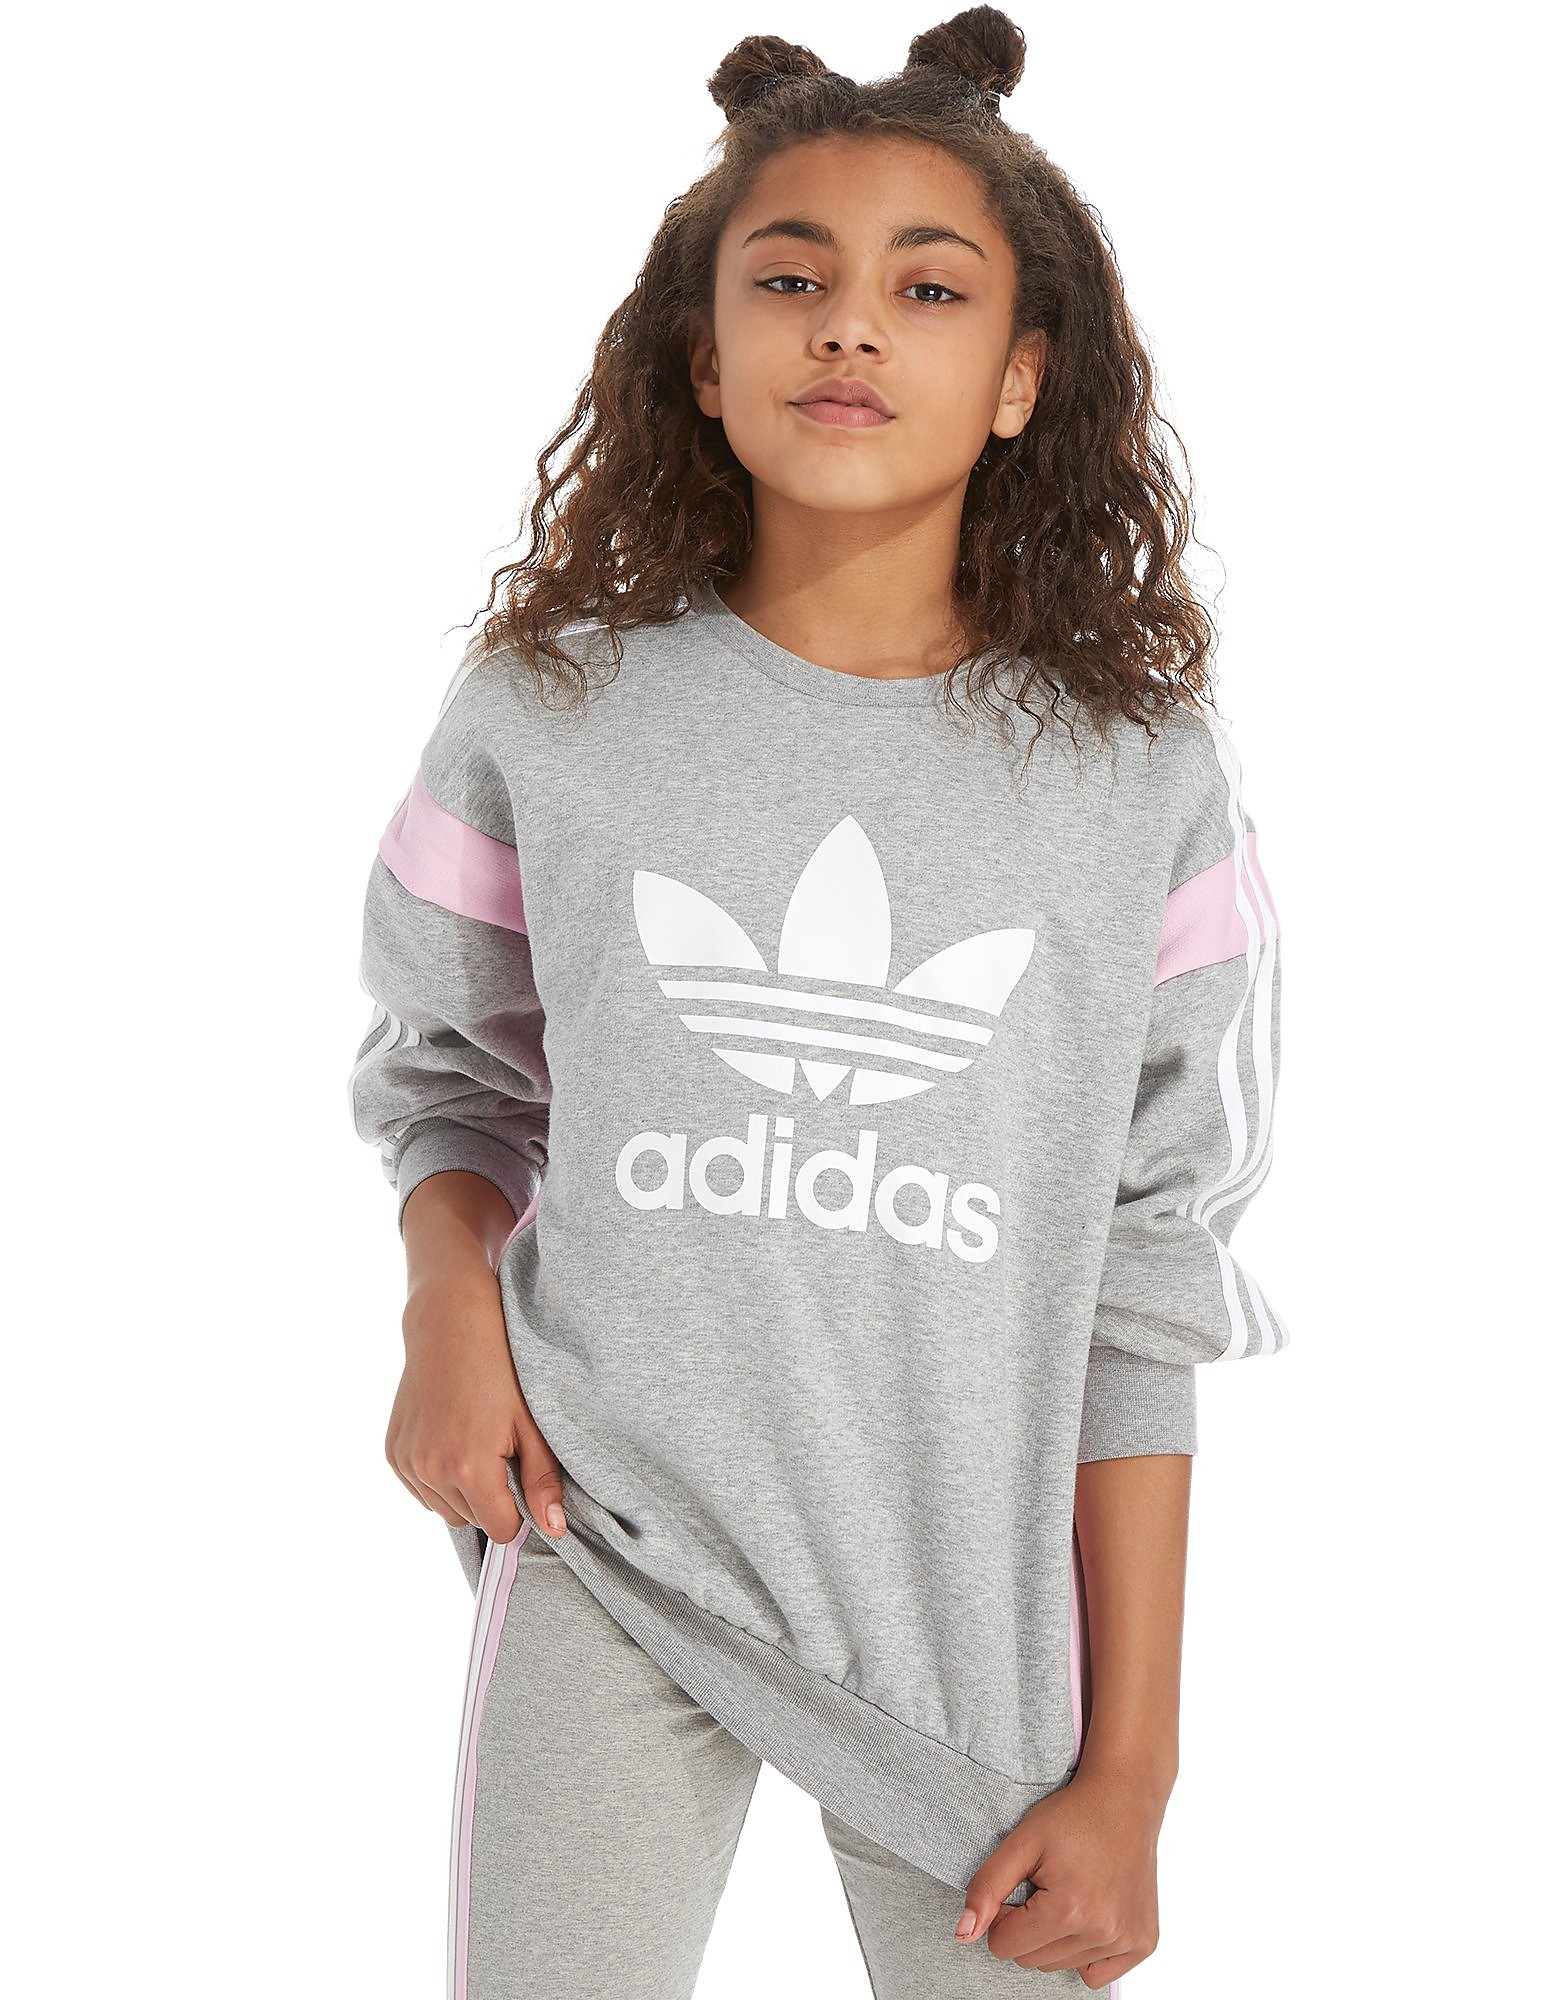 adidas Originals Girls Boyfriend Fit Crew Sweatshirt Junior